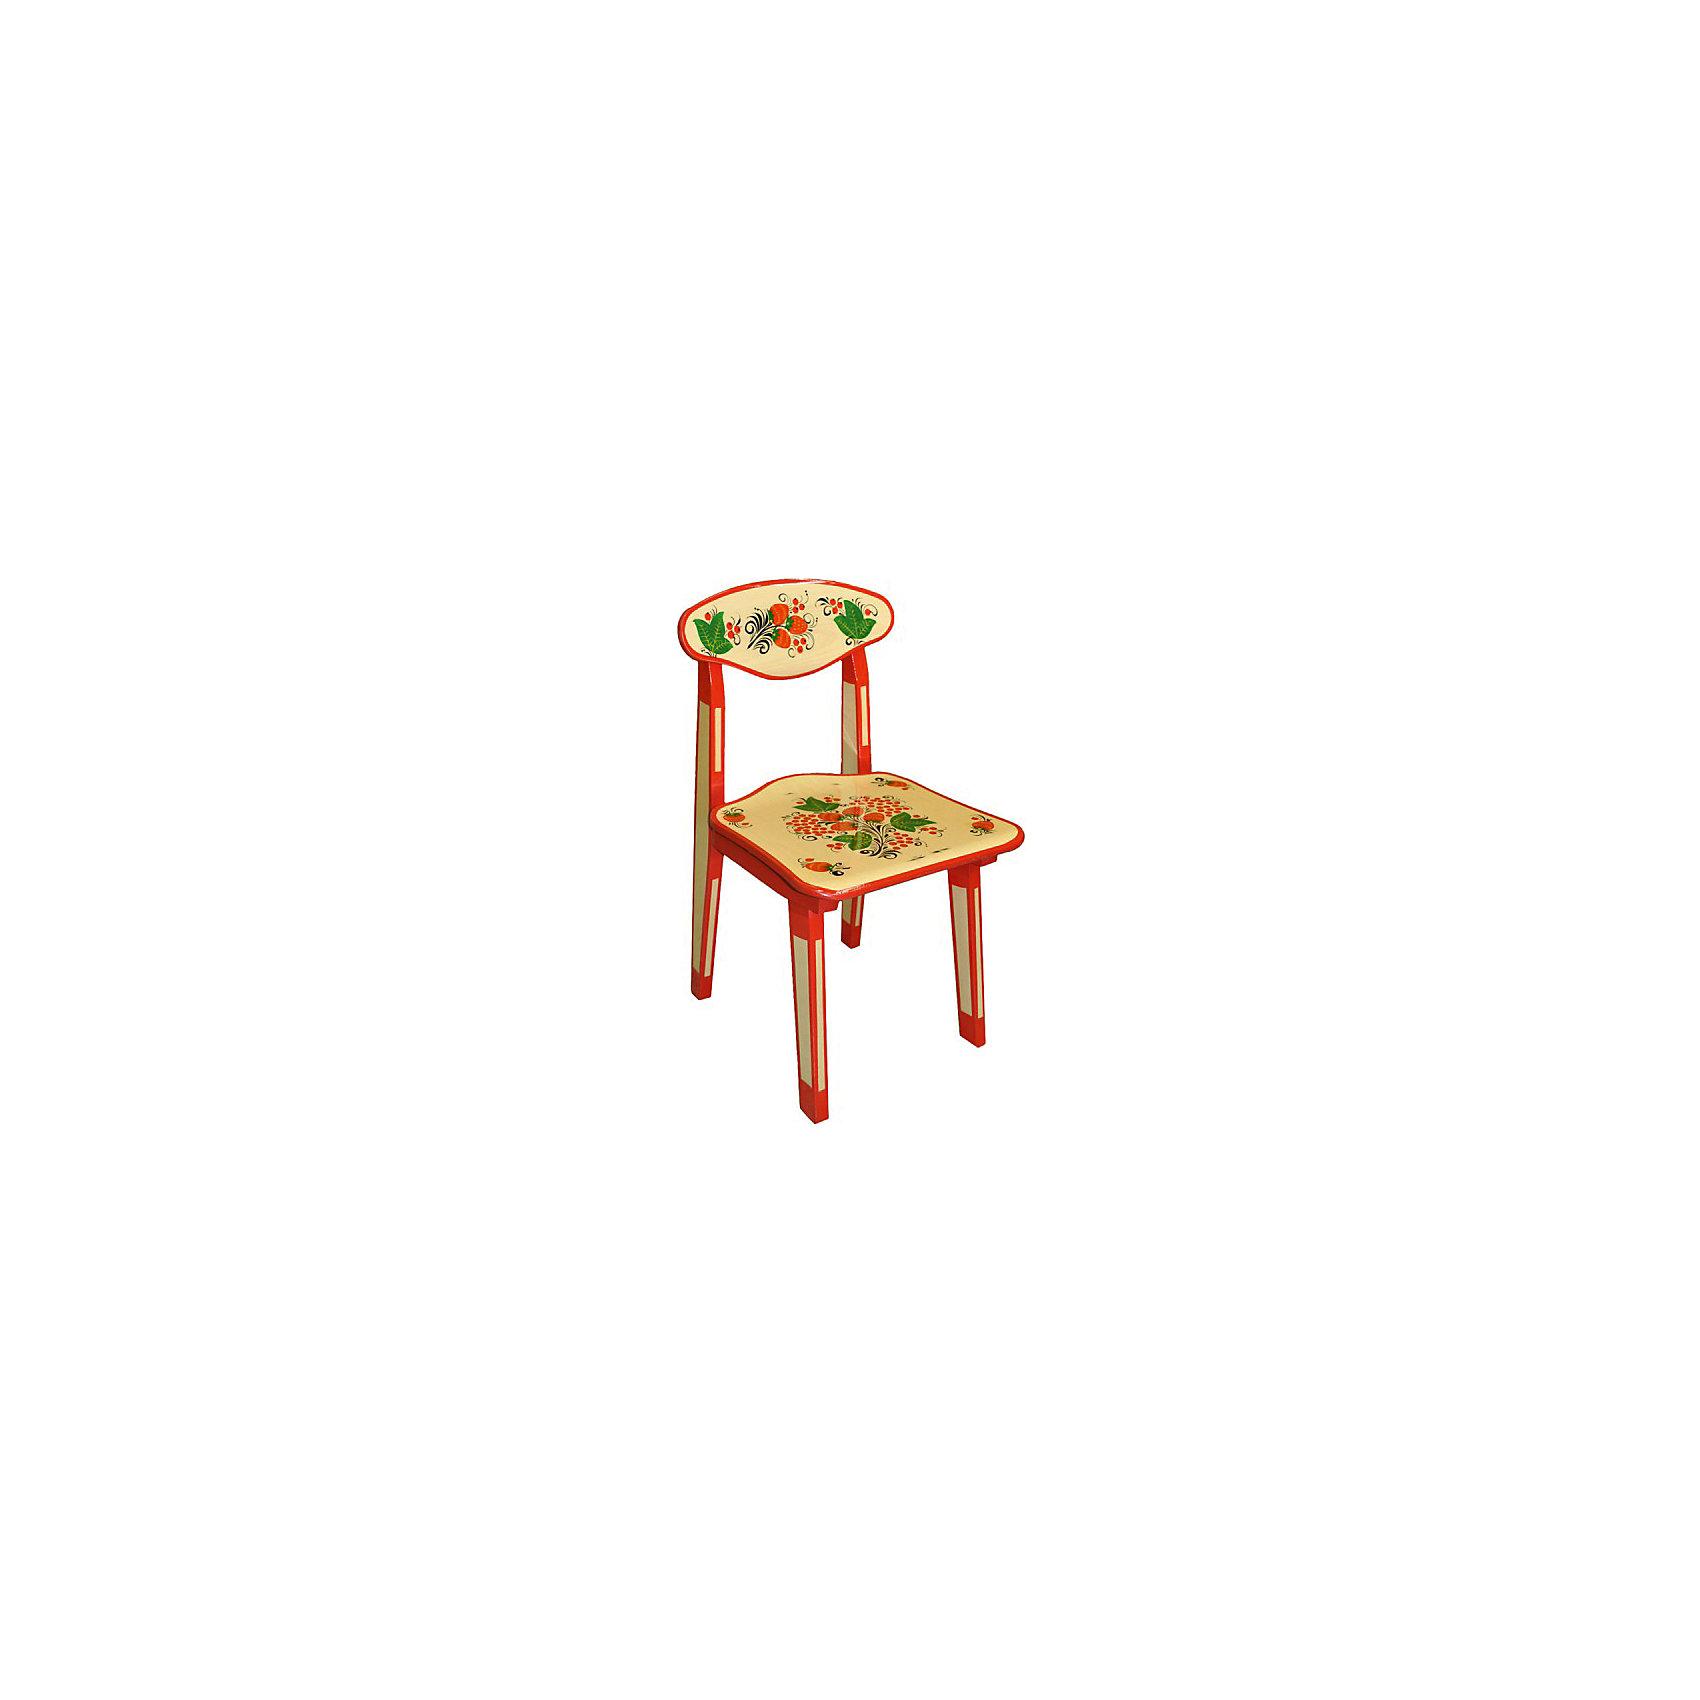 Стул с росписьюТакой сказочный стульчик был практически у каждого в детстве, так пусть и вашего ребенка радует!<br>Яркий красочный стульчик прекрасно подойдет к столу, выполненному в такой же стилистике. Роспись сделана по золотому фону традиционными красным и темно-коричневым цветами. Стул изготовлен из дерева, пропитан льняным маслом и покрыт росписью и безвредным для ребенка лаком. Стул очень прочный и устойчивый, покрытие закалено при особом температурном режиме и не будет отслаиваться или облупливаться при частой влажной уборке.<br><br>Дополнительная информация:<br><br>- Возраст: от 6 мес.<br>- Материал: дерево.<br>- Цвет: орнамент -  Хохломская роспись. <br>- Параметры стола: Высота: 43,5 см.<br>                                      Сидение: 30х28 см.<br><br>Детский стул с росписью можно купить в нашем магазине.<br><br>Ширина мм: 500<br>Глубина мм: 120<br>Высота мм: 300<br>Вес г: 2000<br>Возраст от месяцев: 24<br>Возраст до месяцев: 84<br>Пол: Унисекс<br>Возраст: Детский<br>SKU: 4718380